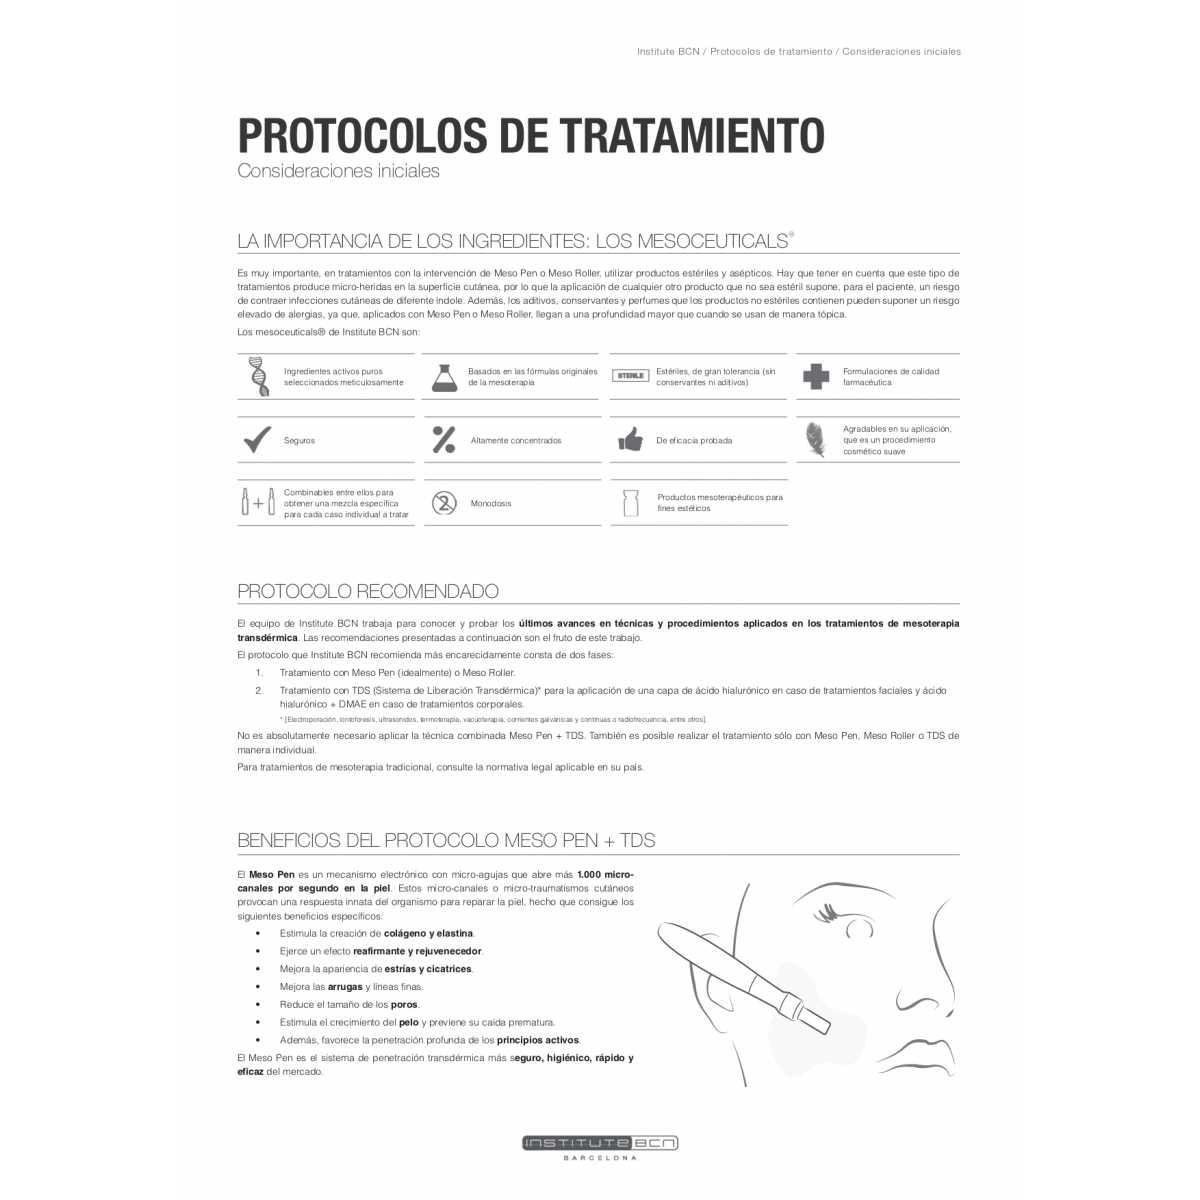 L-Carnitina - Soluzione Lipolitica - Principi attivi - Institute BCN